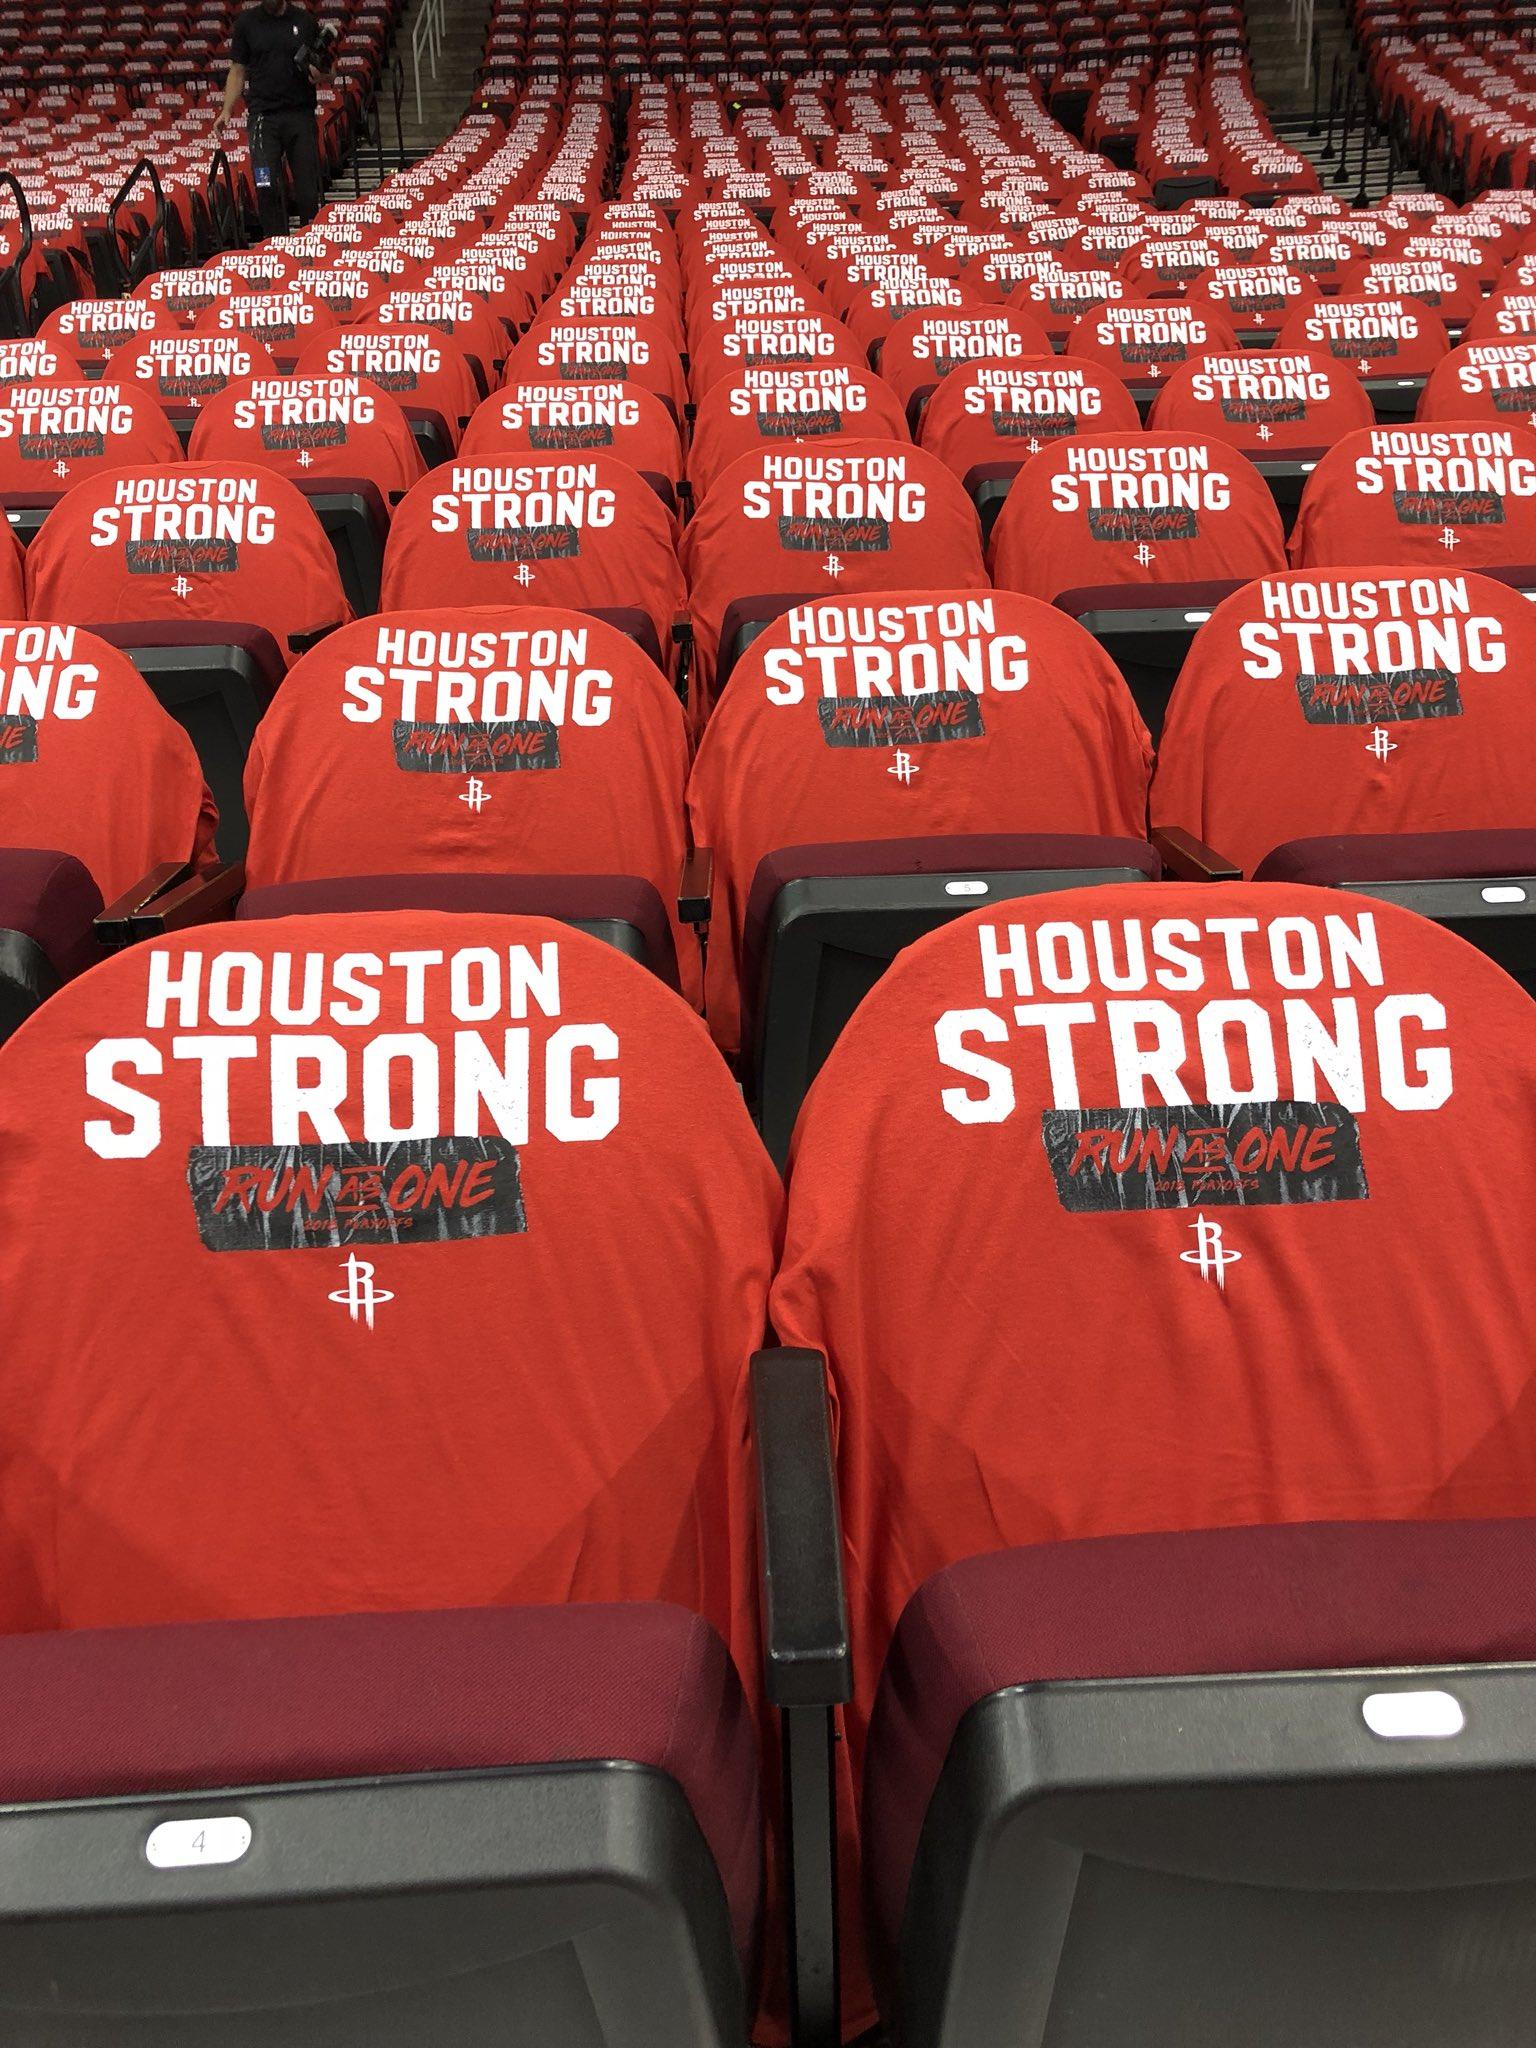 #HoustonStrong https://t.co/yaKuPioIuu